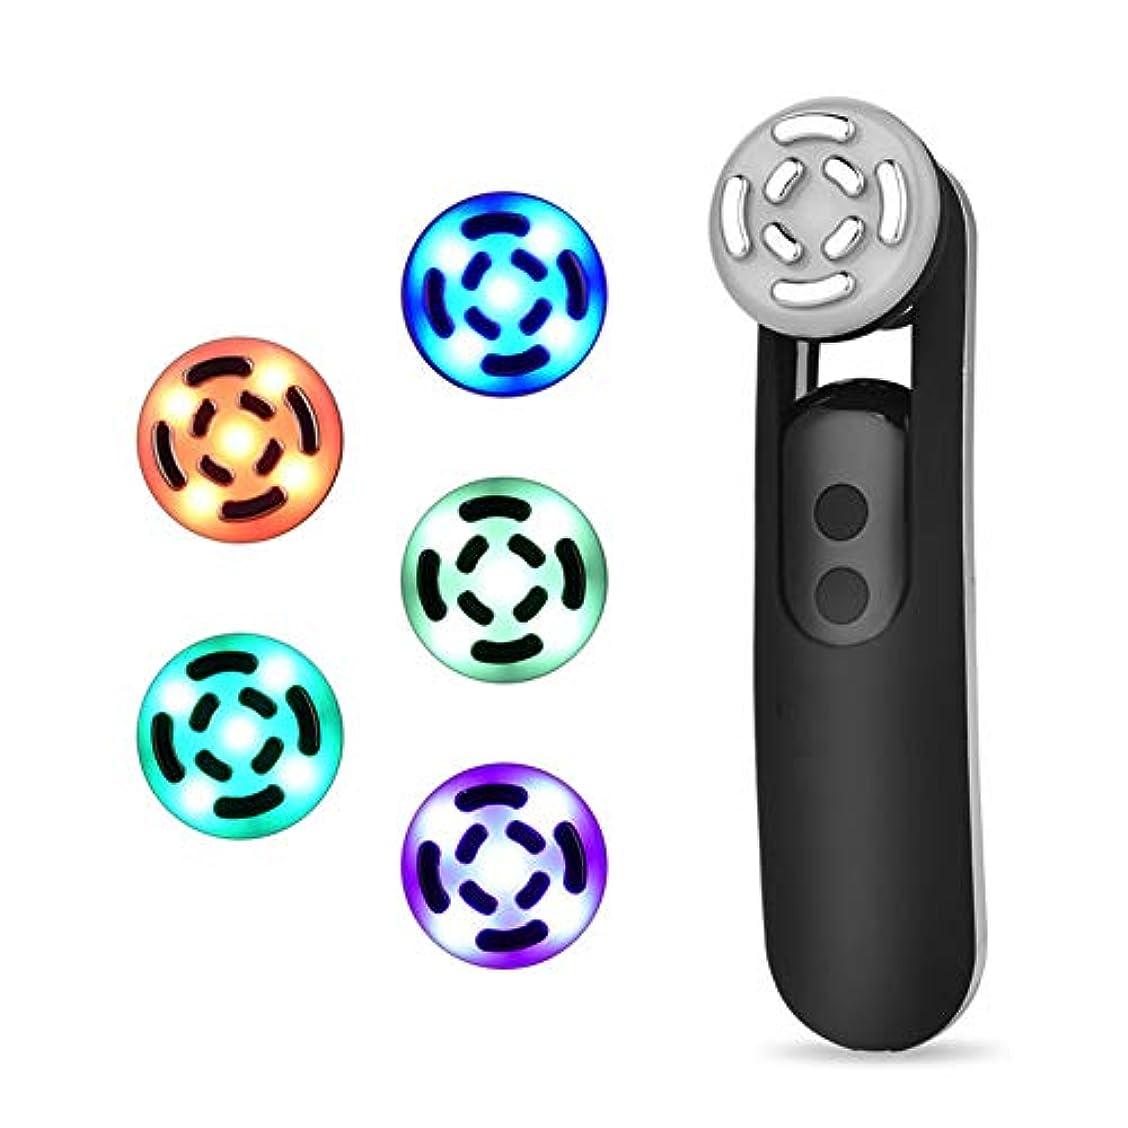 無視する喜び回復するフェイシャルマッサージイオンフェイシャルクレンジングアンチエイジングファーミングスキンマイクロショックテクノロジー5色LEDライト若返りしわ美容機器,Black